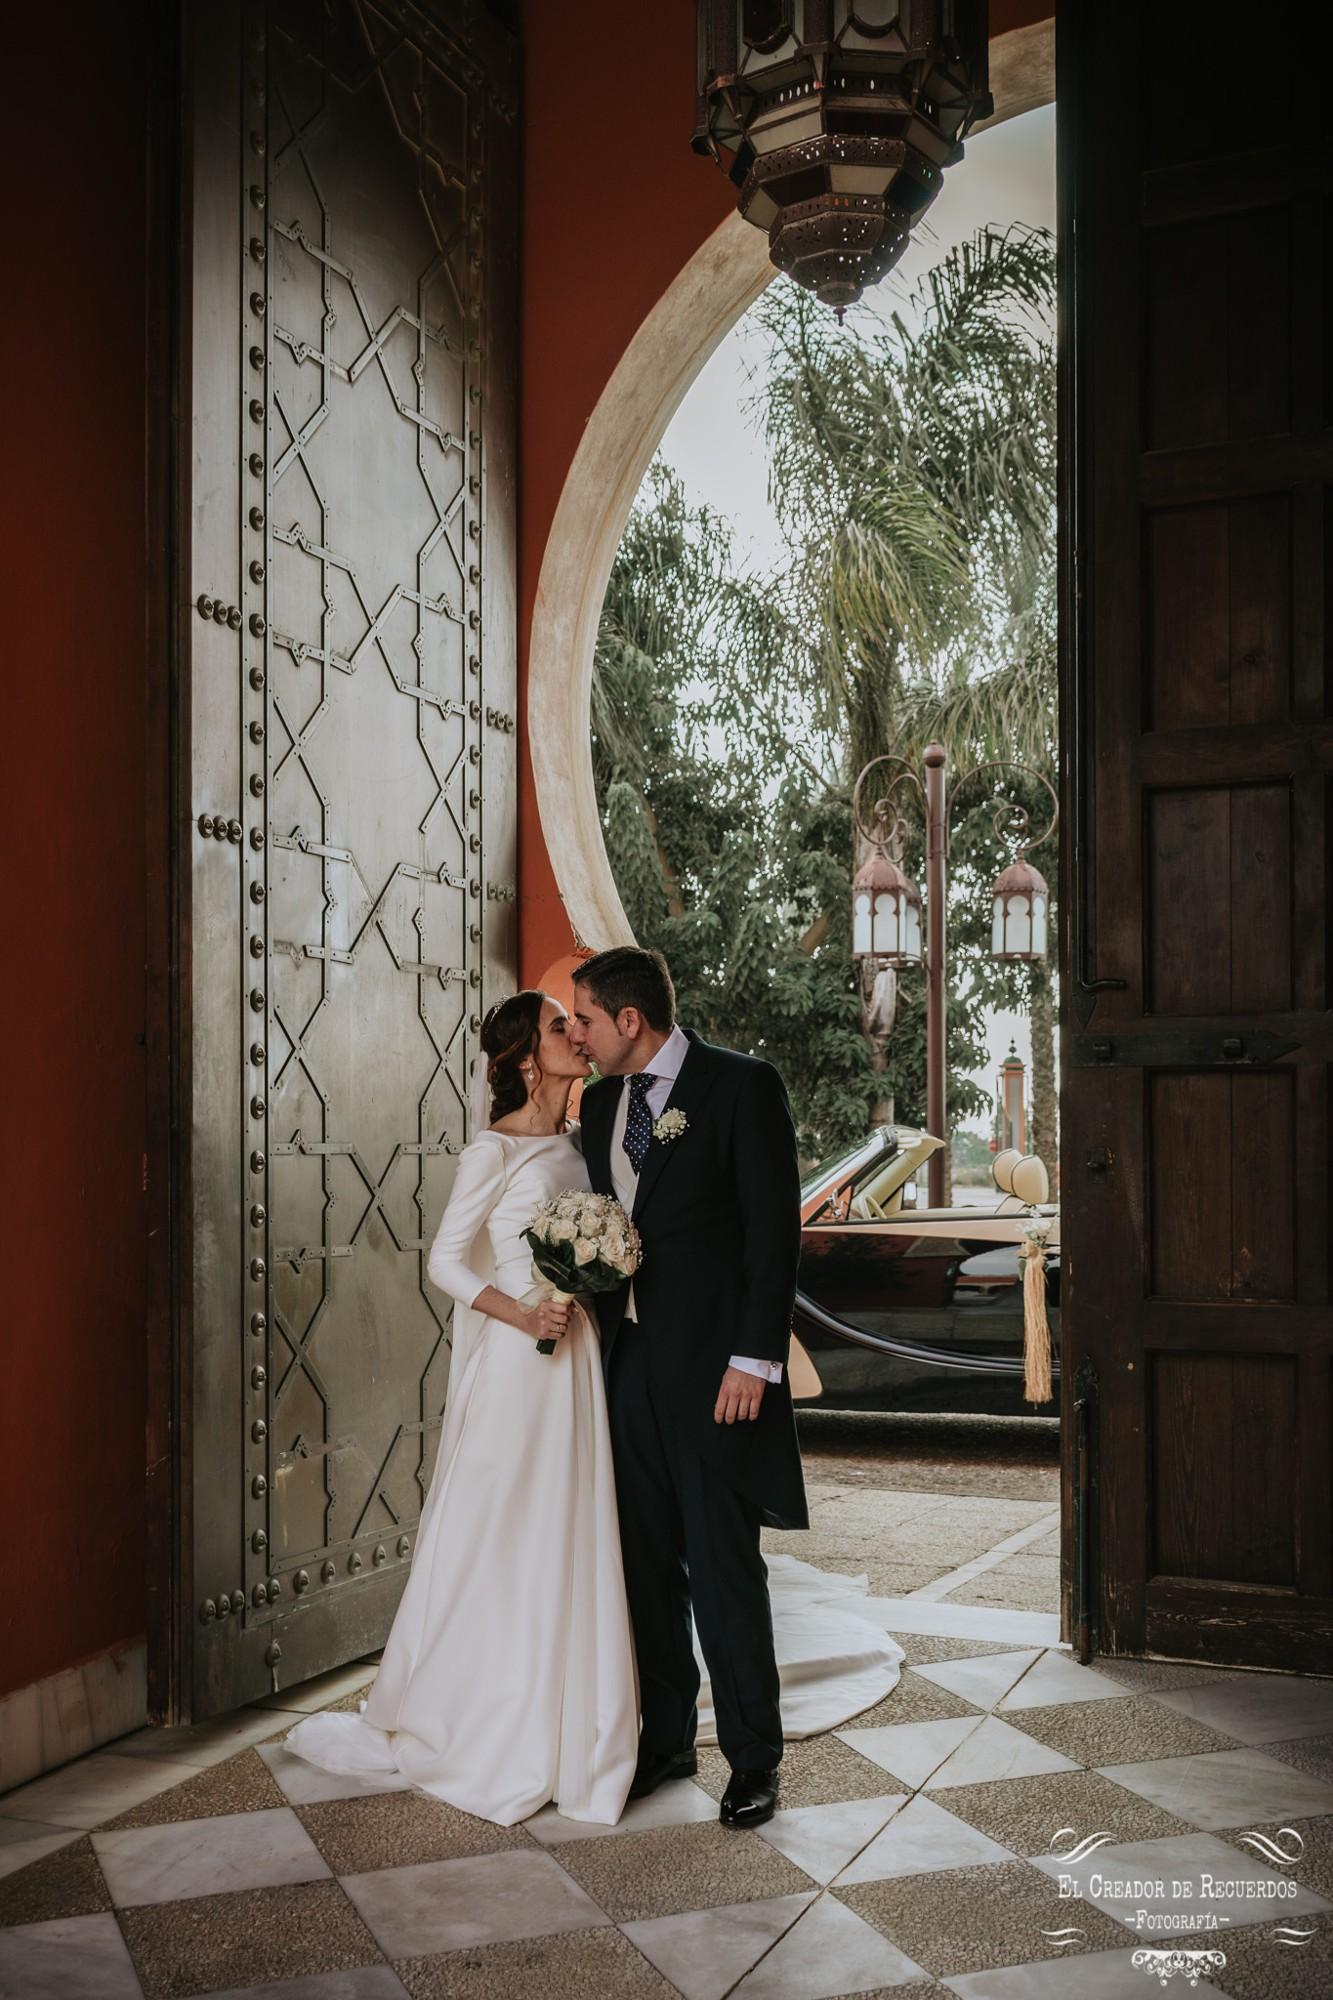 fotógrafo-boda-sevilla-creador-recuerdos-2